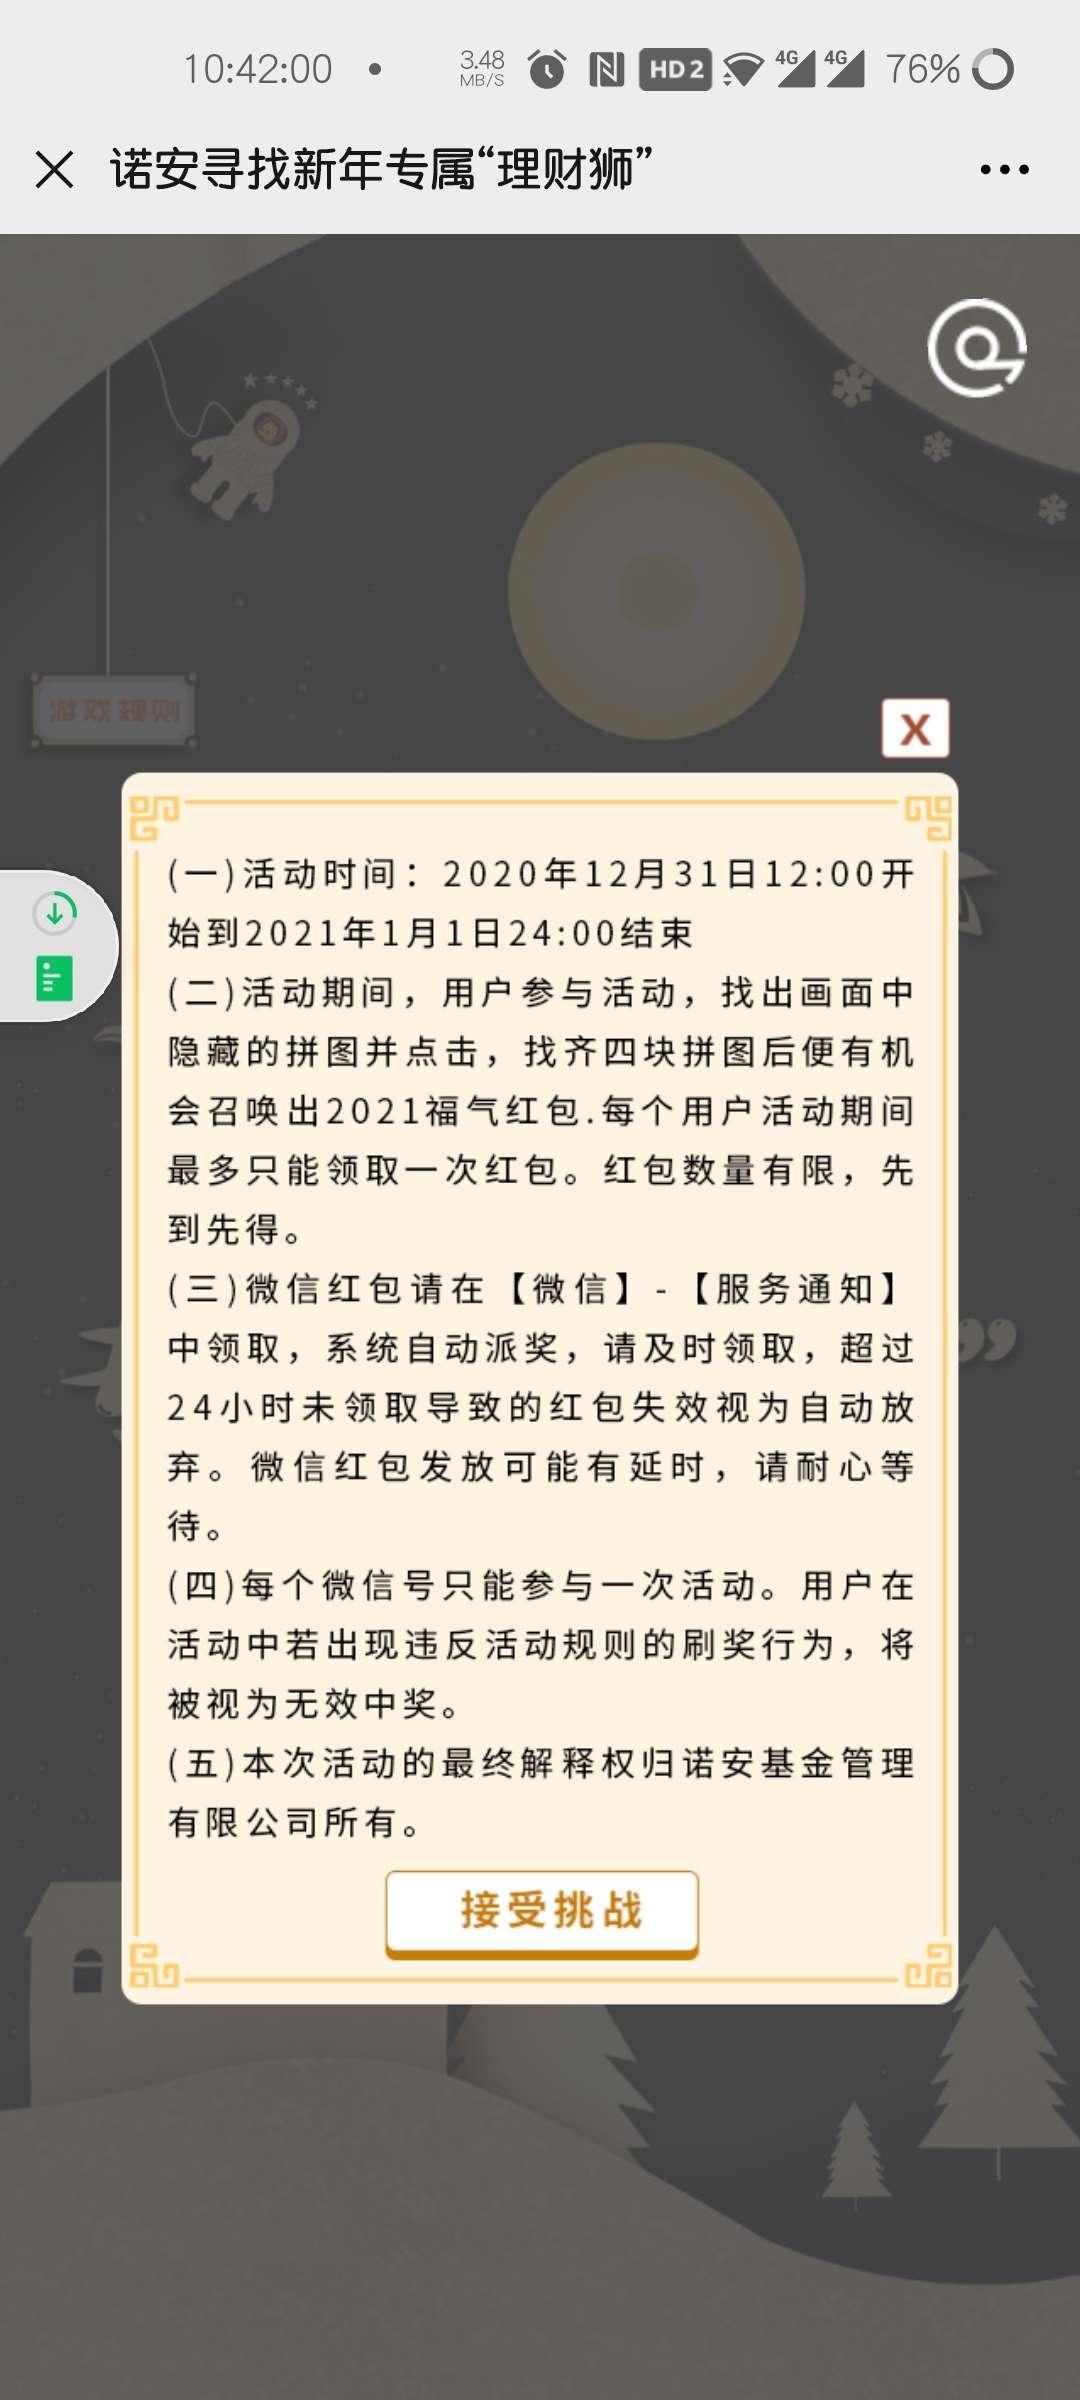 图片[2]-诺安理财狮玩小游戏抽红包-老友薅羊毛活动线报网